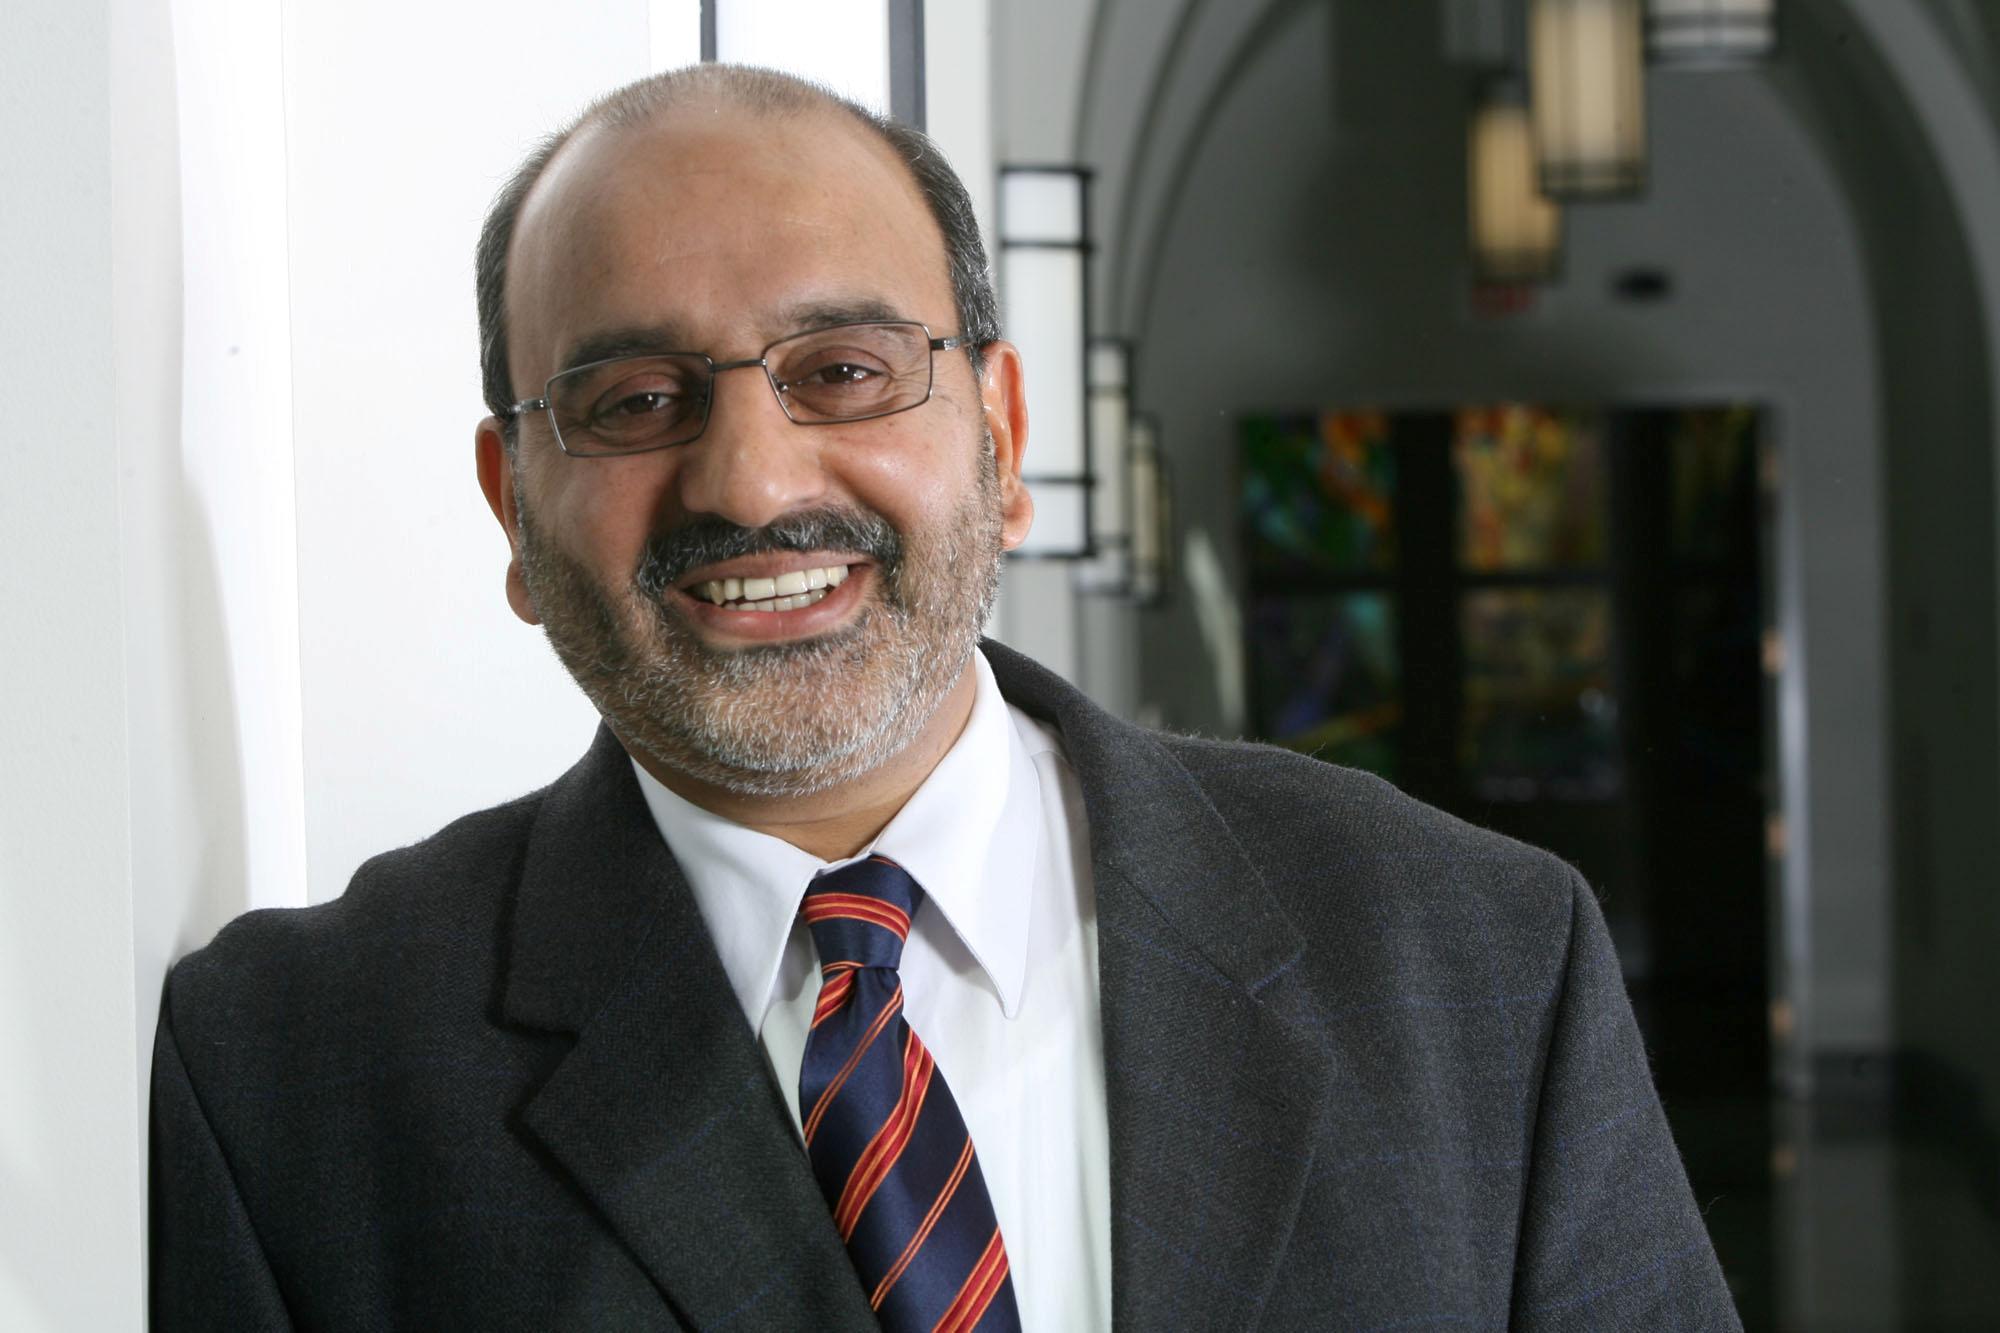 Mengharungi kerumitan dunia dan kewujudan: wawancara bersama Prof. Ebrahim Moosa (Bahagian 1)